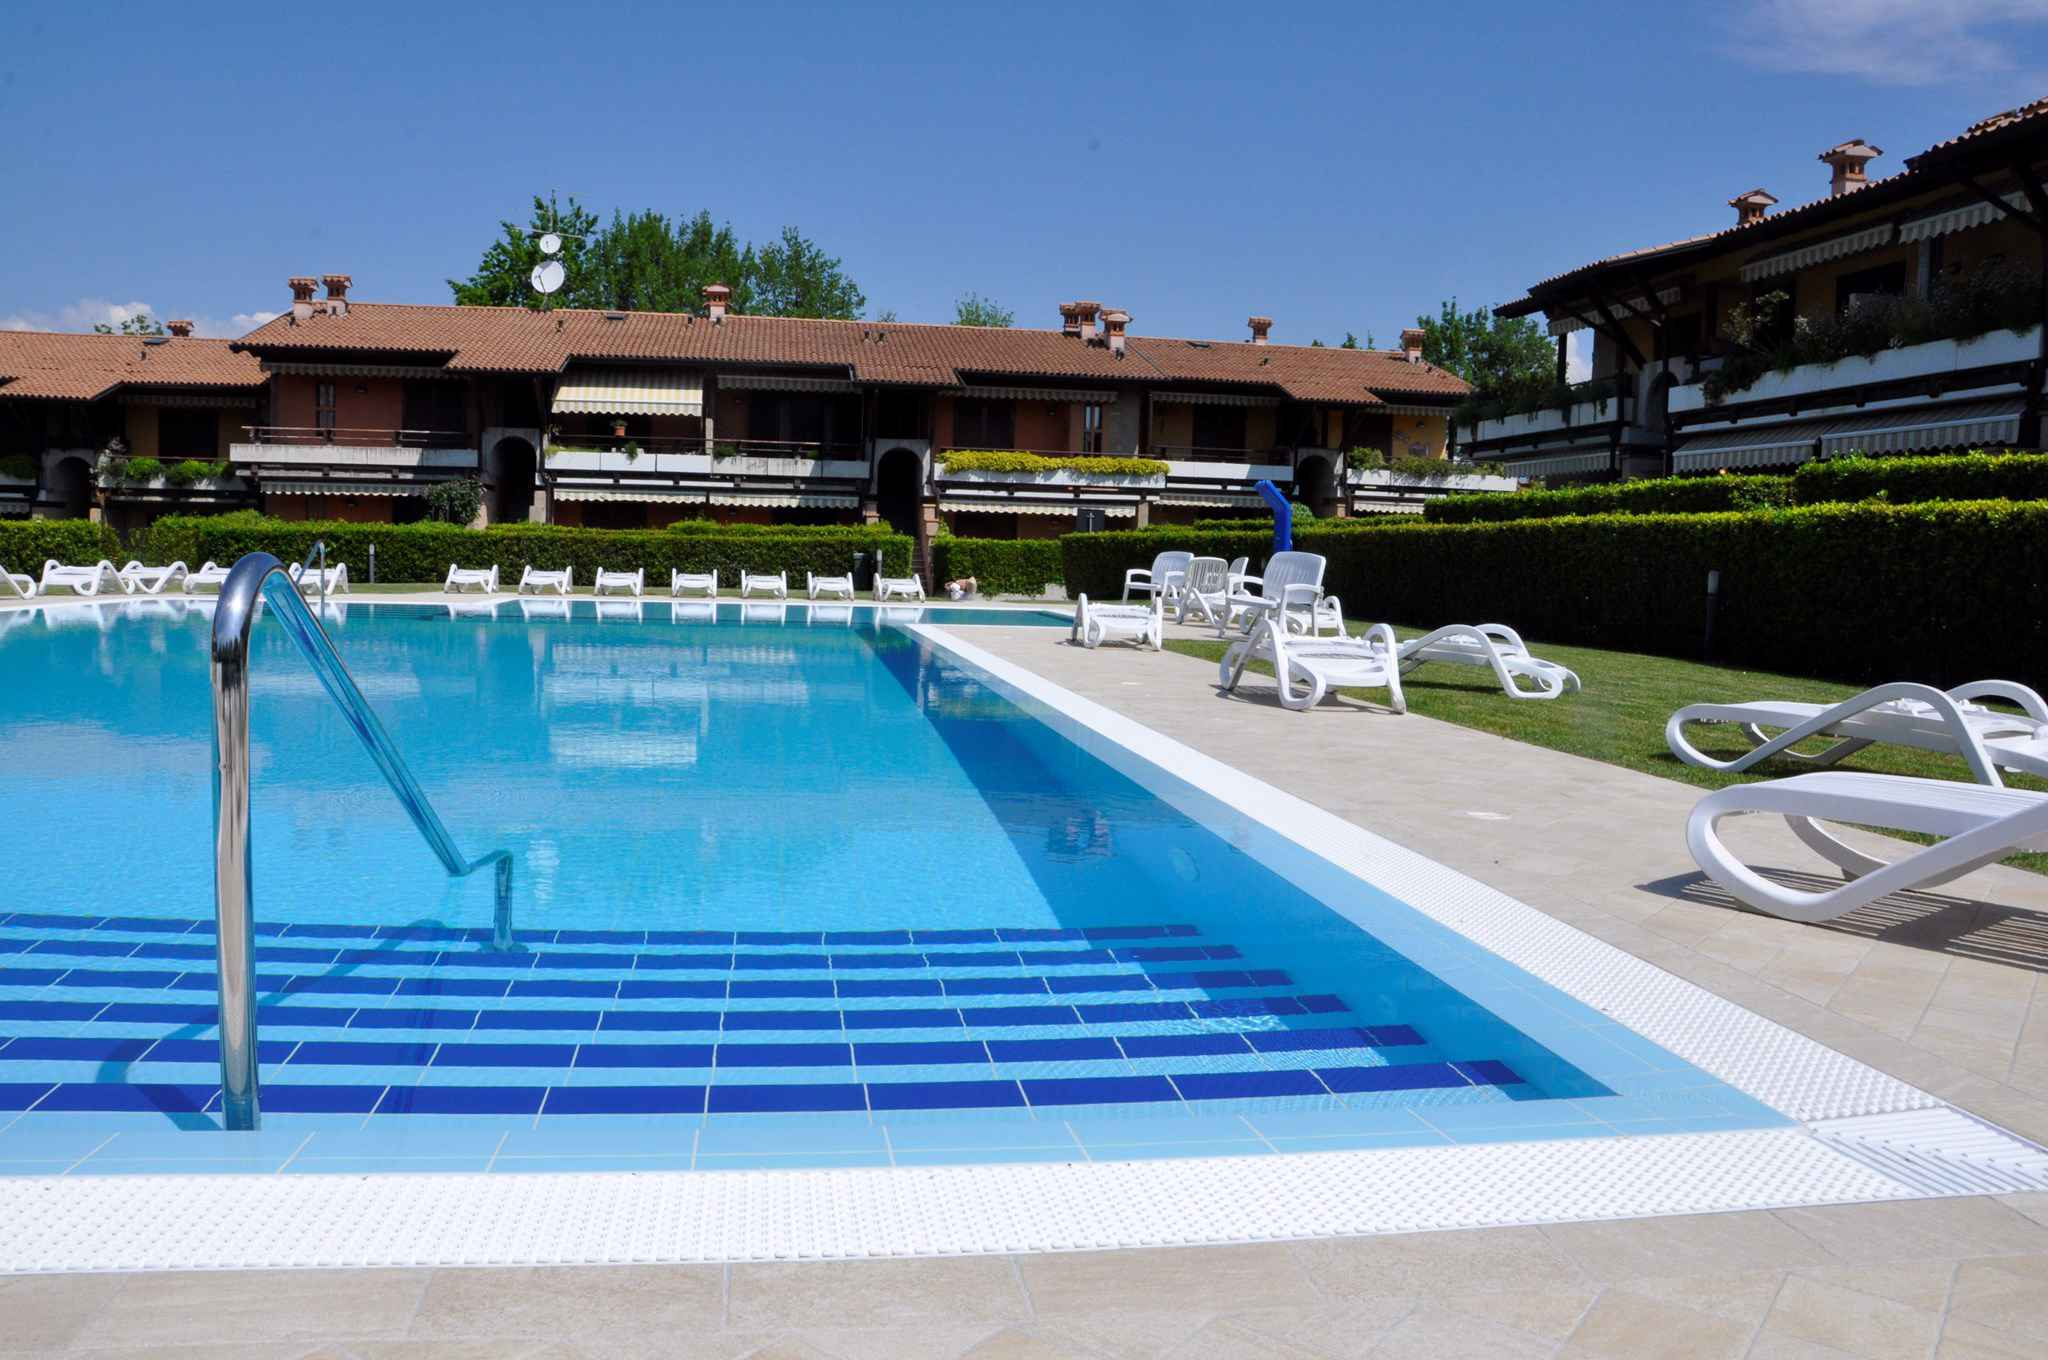 Ferienwohnung con piscina (377442), Lazise, Gardasee, Venetien, Italien, Bild 9